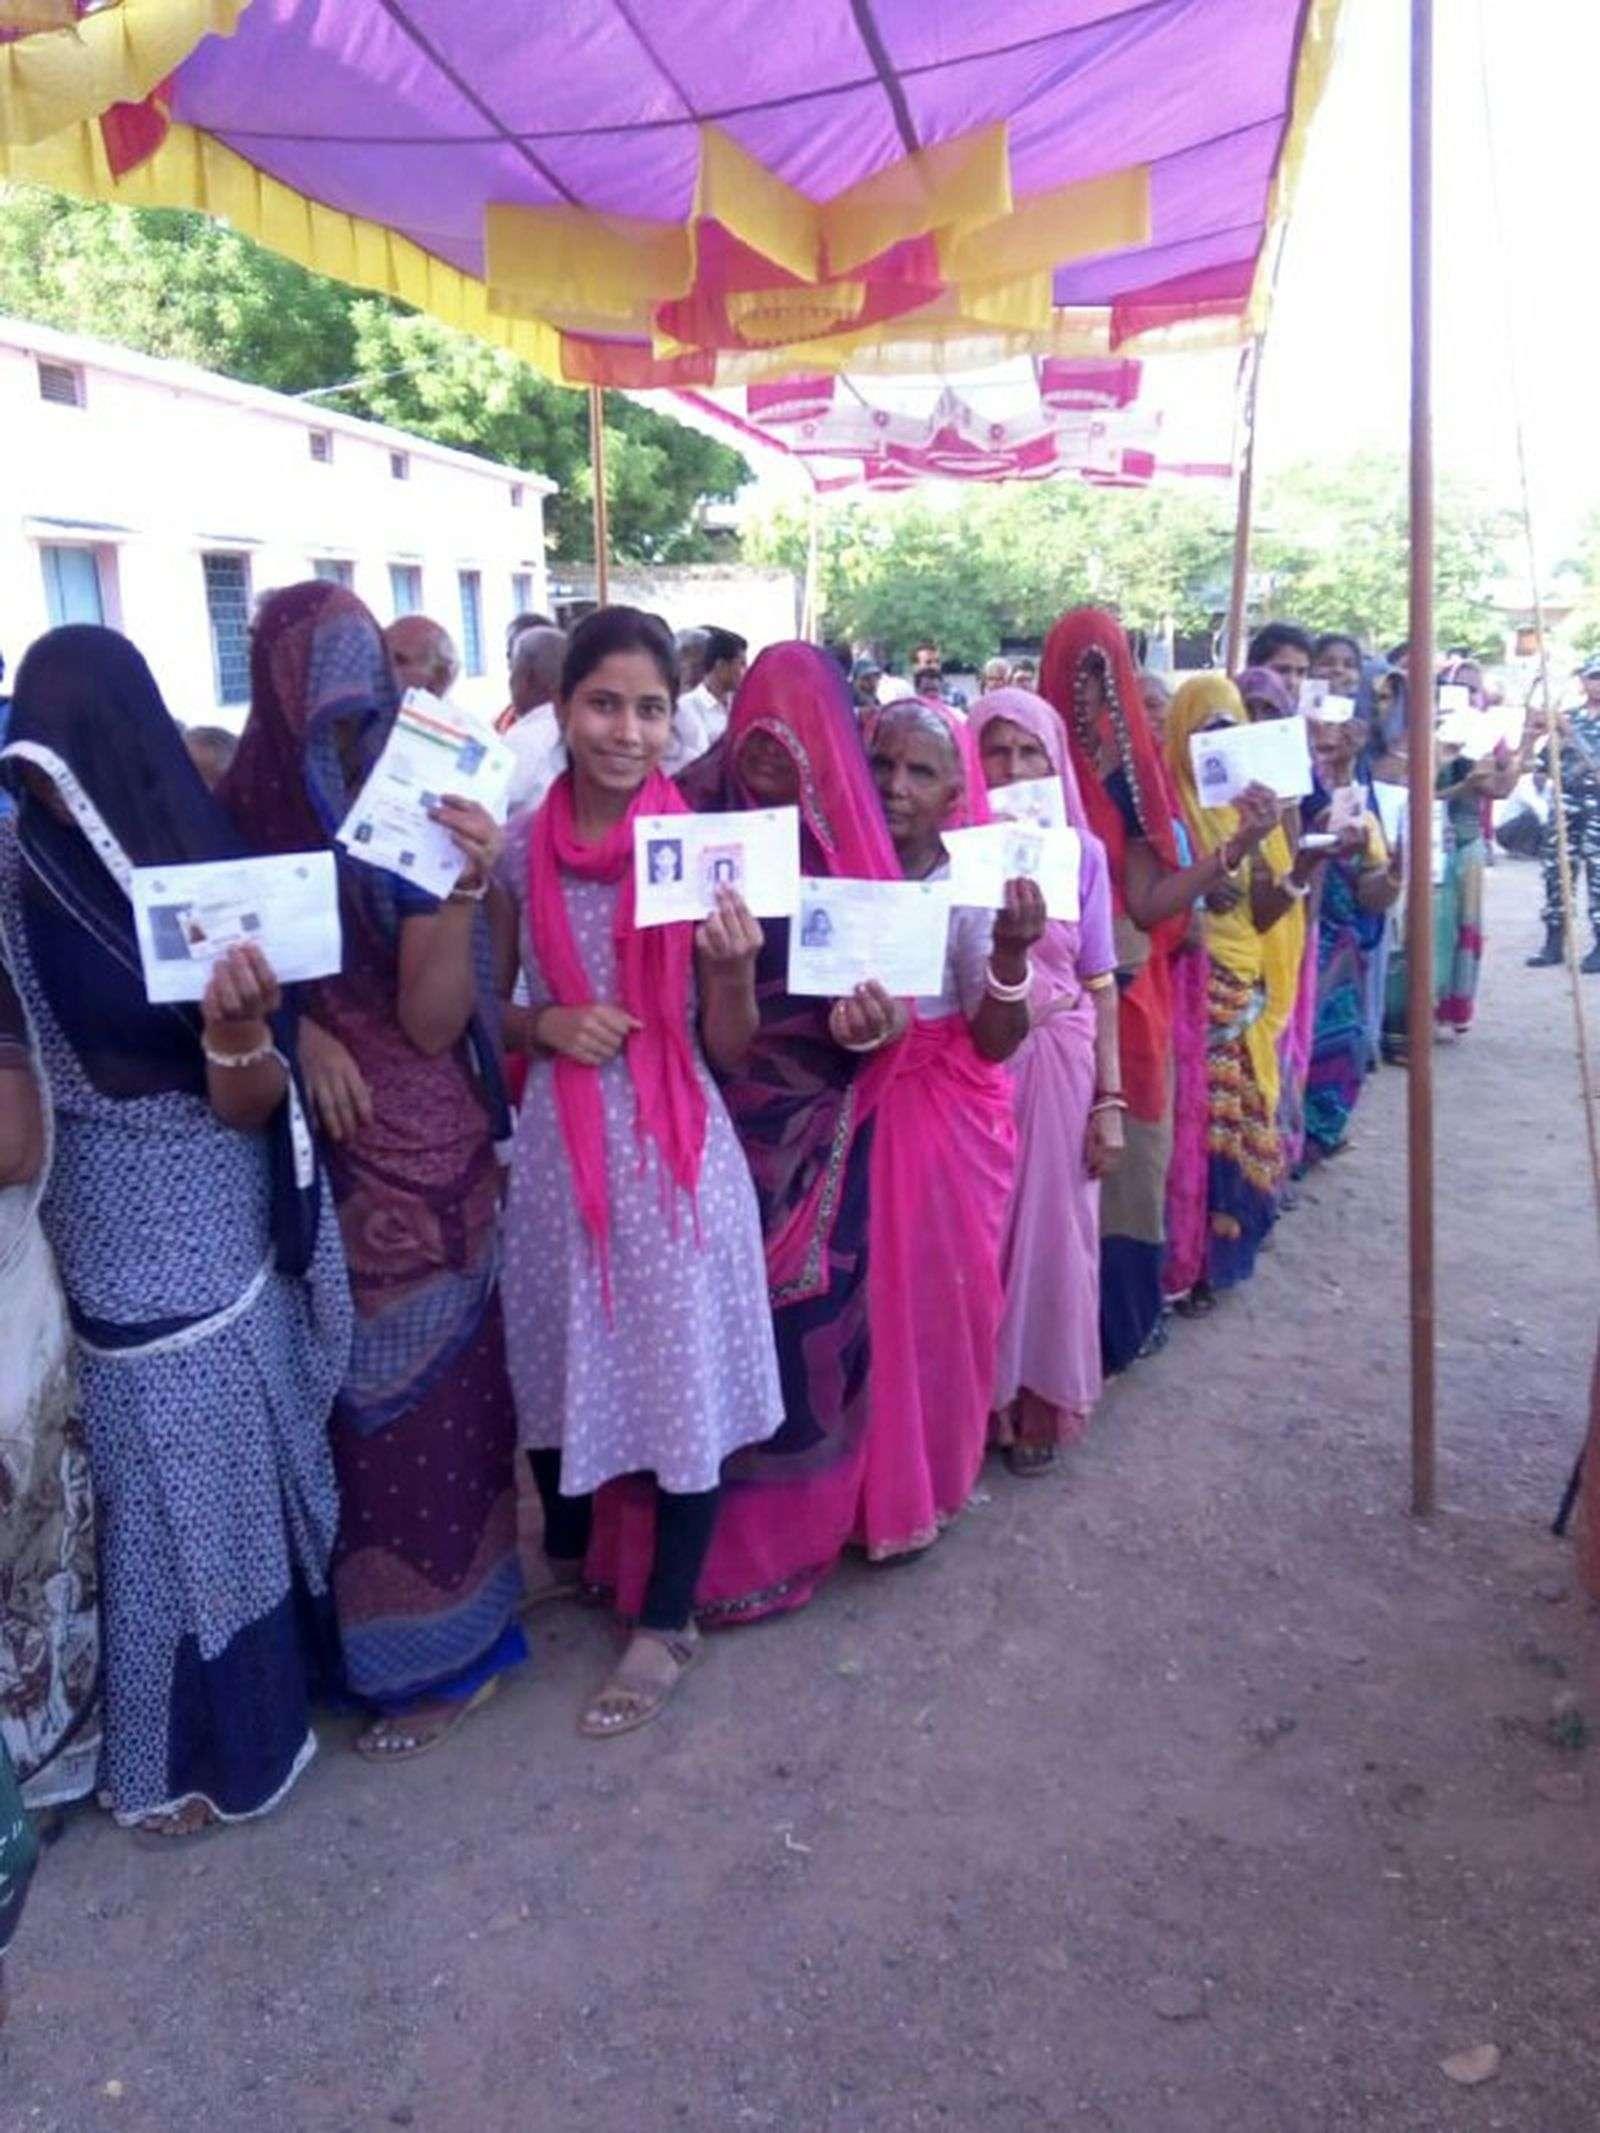 सुबह के दो घंटे में मतदाताओं ने दिखाया उत्साह, 14.62 प्रतिशत हुआ जिले में मतदान